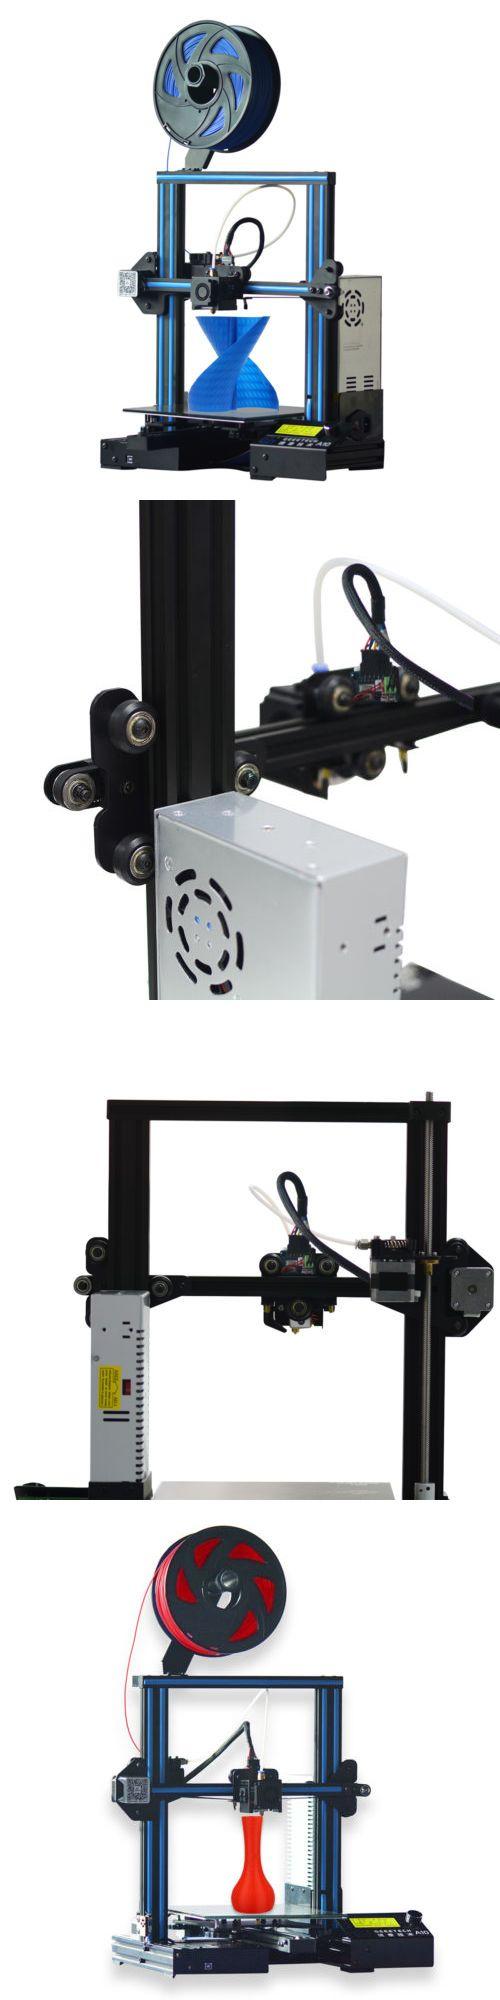 3D Printers and Supplies 183062: 3D Printer Geeetech A10 Aluminum